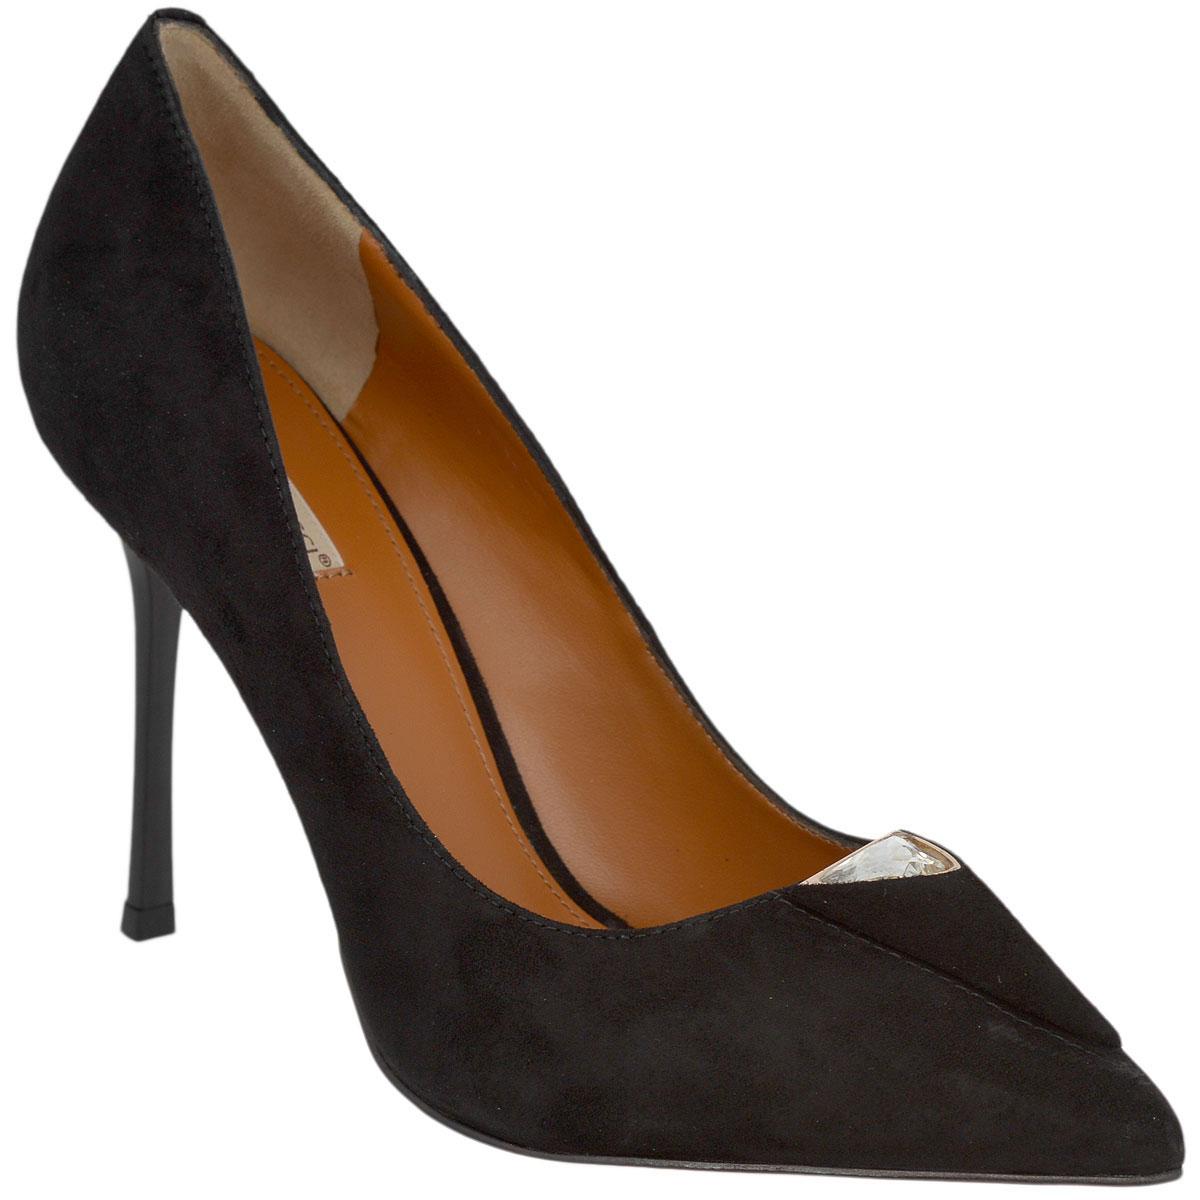 Туфли женские. 5969459694Стильные женские туфли Vitacci займут достойное место в вашем гардеробе. Модель выполнена из высококачественной натуральной замши. Мыс туфель оформлен декоративным треугольным элементом из замши, инкрустированным крупным стразом в металлической оправе. Зауженный носок добавит женственности в ваш образ. Стелька из натуральной кожи позволит ногам дышать. Высокий каблук-шпилька компенсирован скрытой платформой. Подошва с рифлением обеспечит отличное сцепление с любой поверхностью. Изысканные туфли добавят шика в модный образ и подчеркнут ваш безупречный вкус.